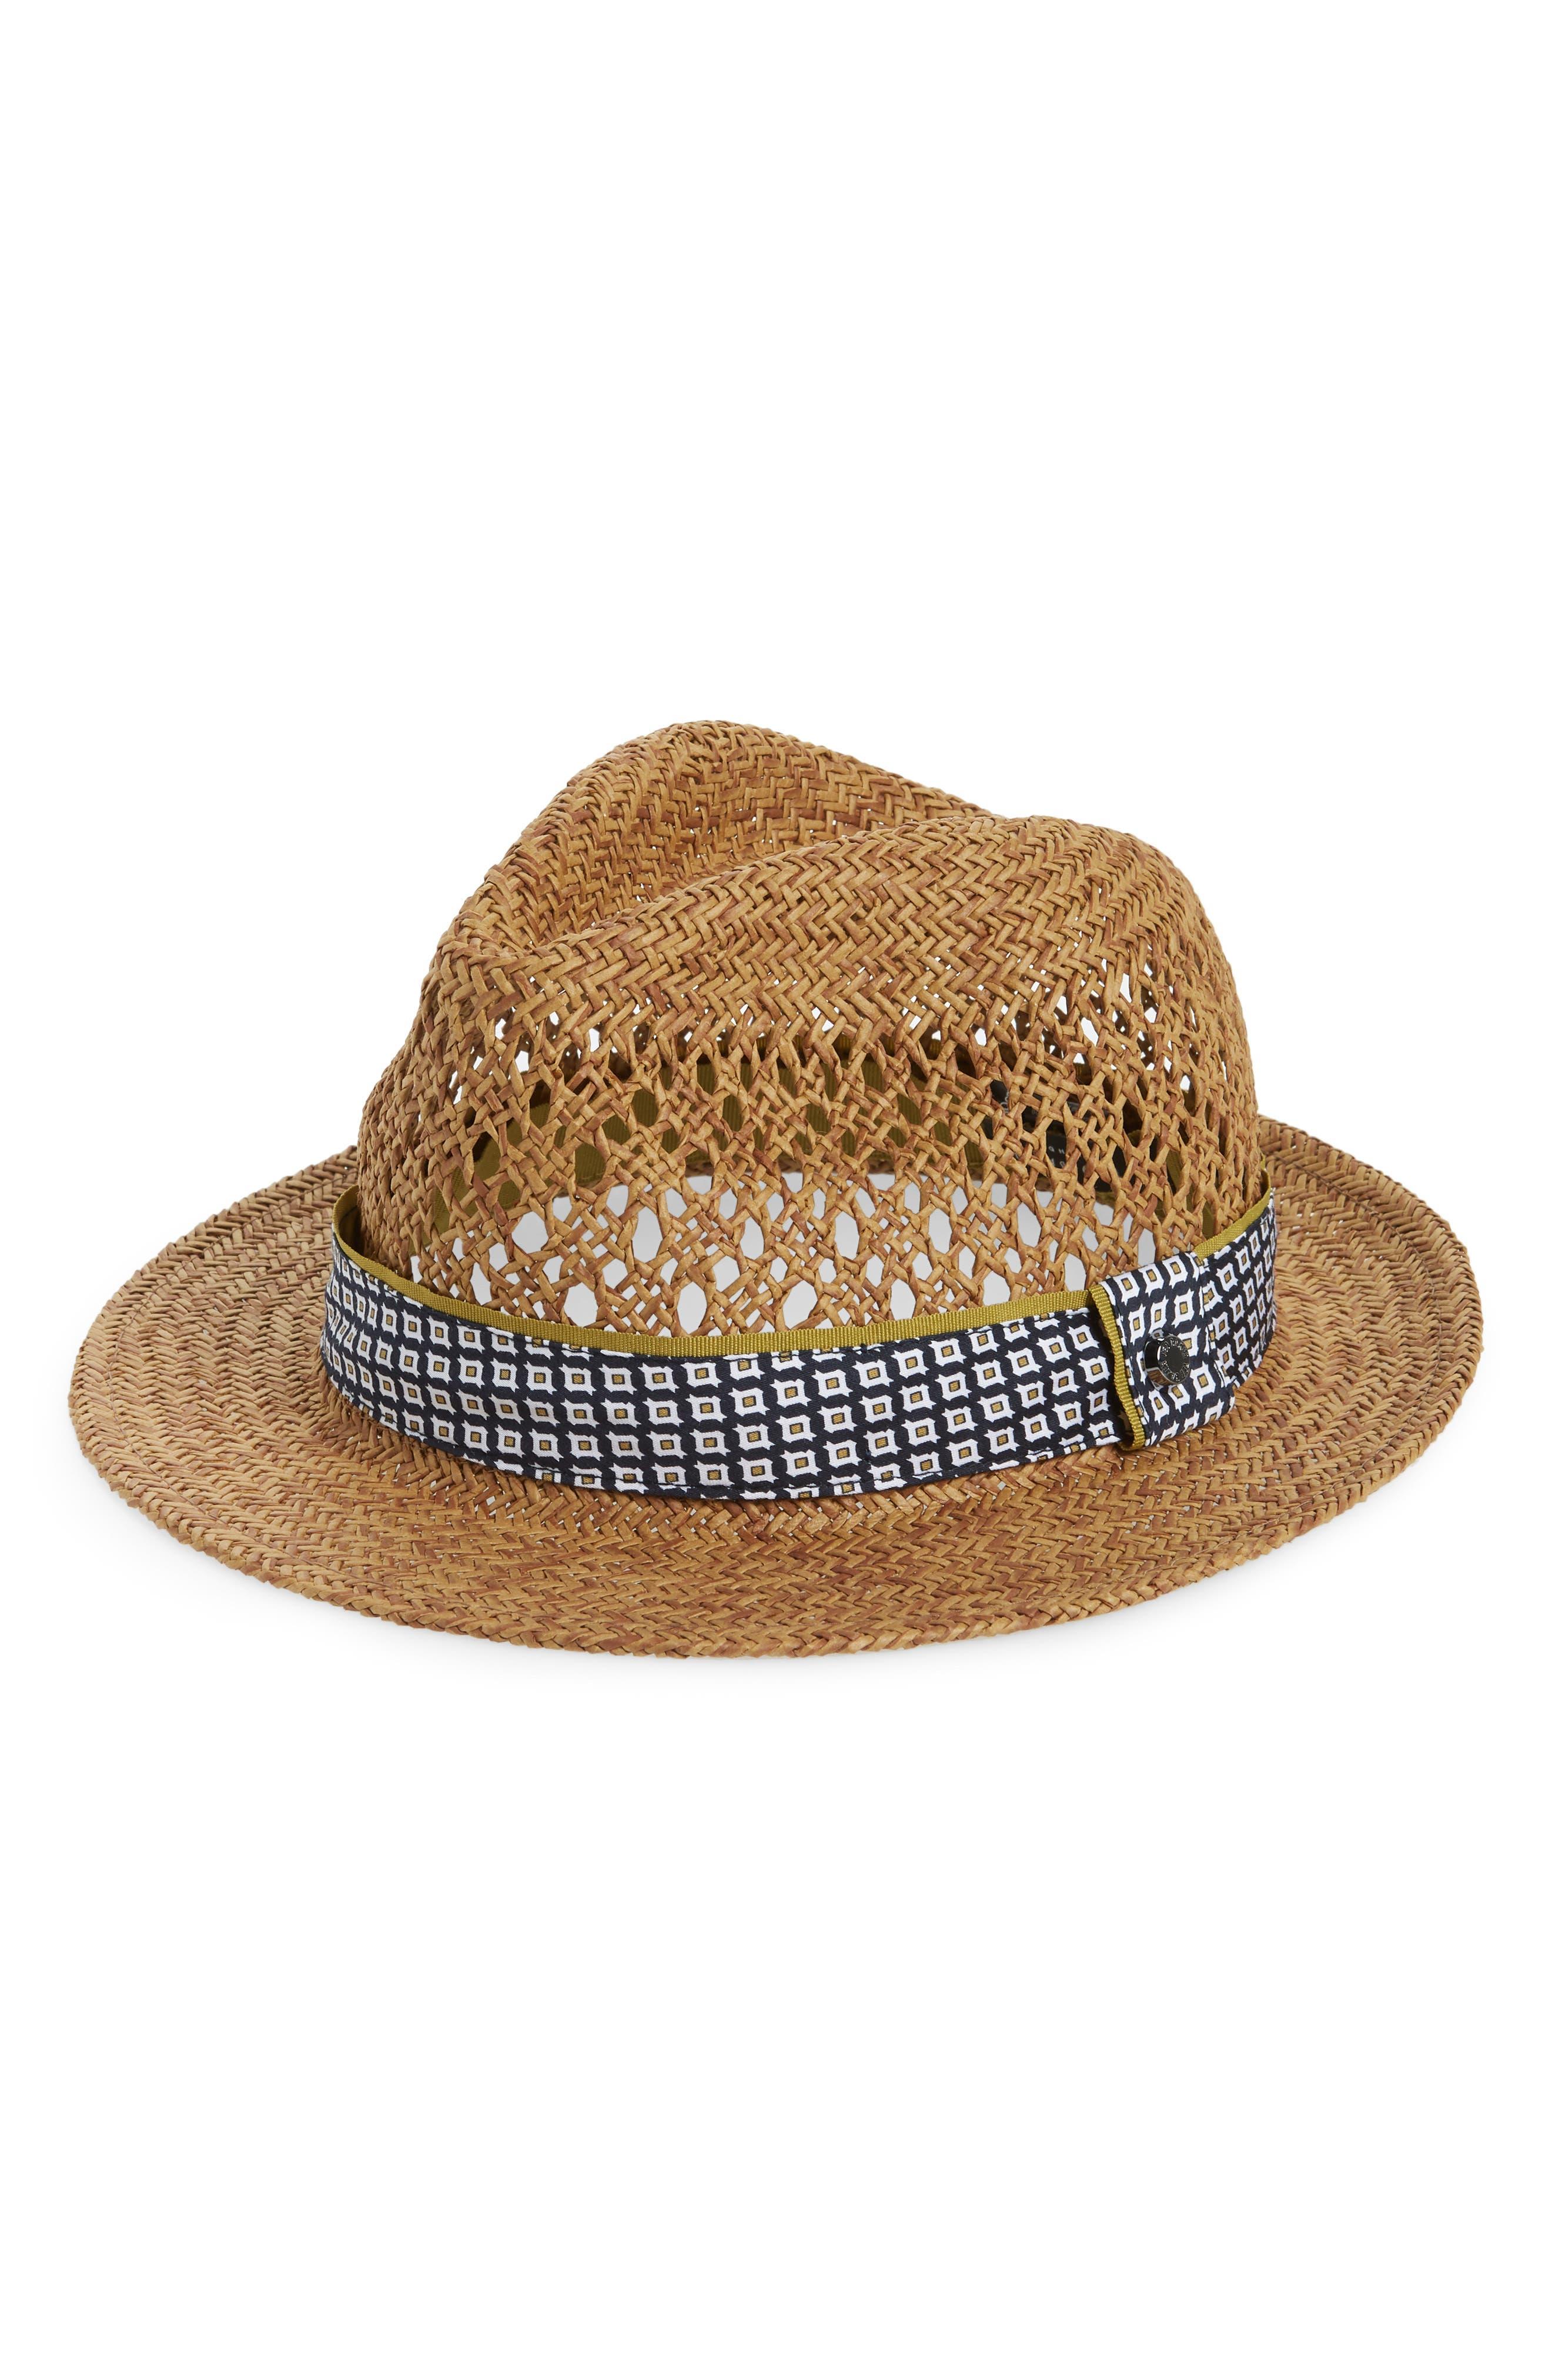 Harlow Straw Hat,                             Main thumbnail 1, color,                             250